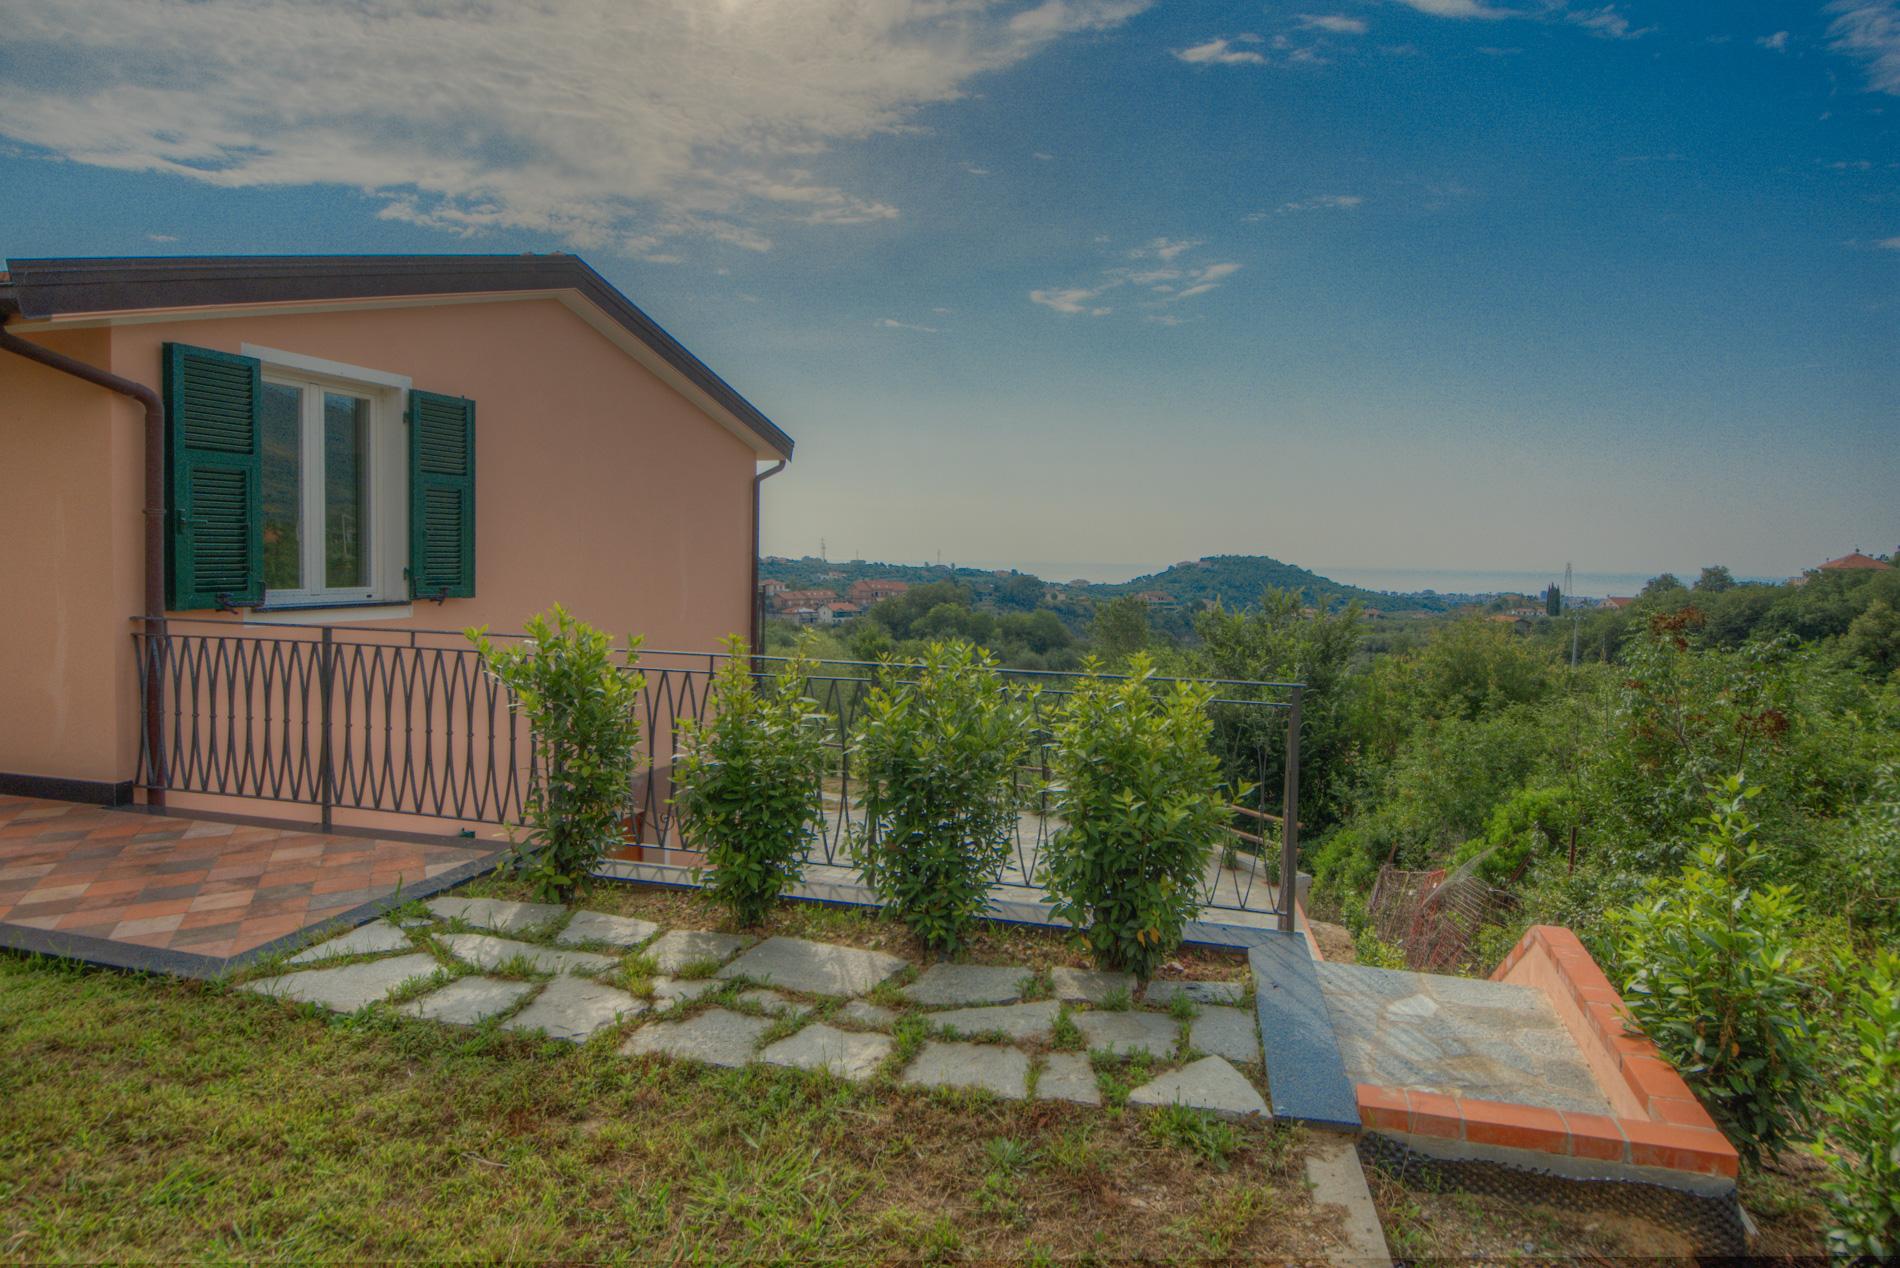 Villa in vendita a Boissano, 6 locali, Trattative riservate | Cambio Casa.it